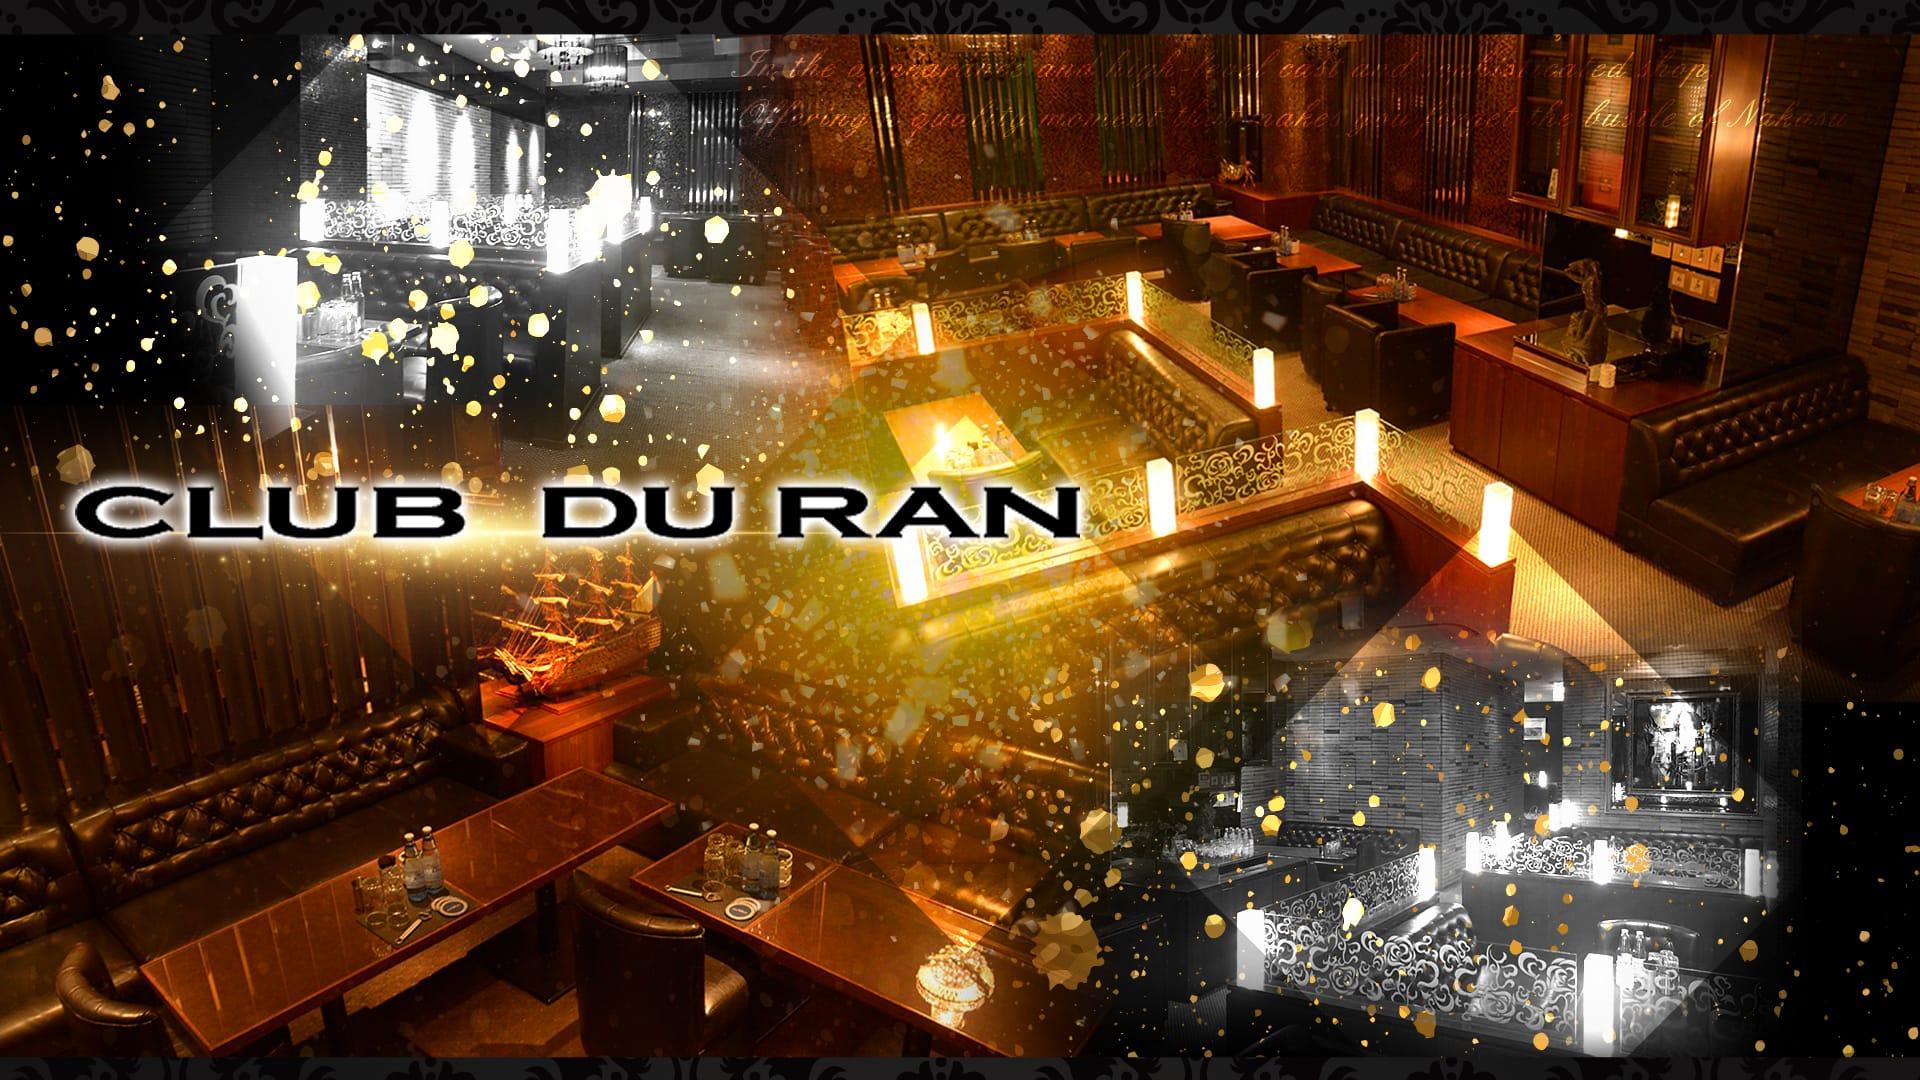 CLUB DU RAN(デュラン) 中洲ニュークラブ TOP画像